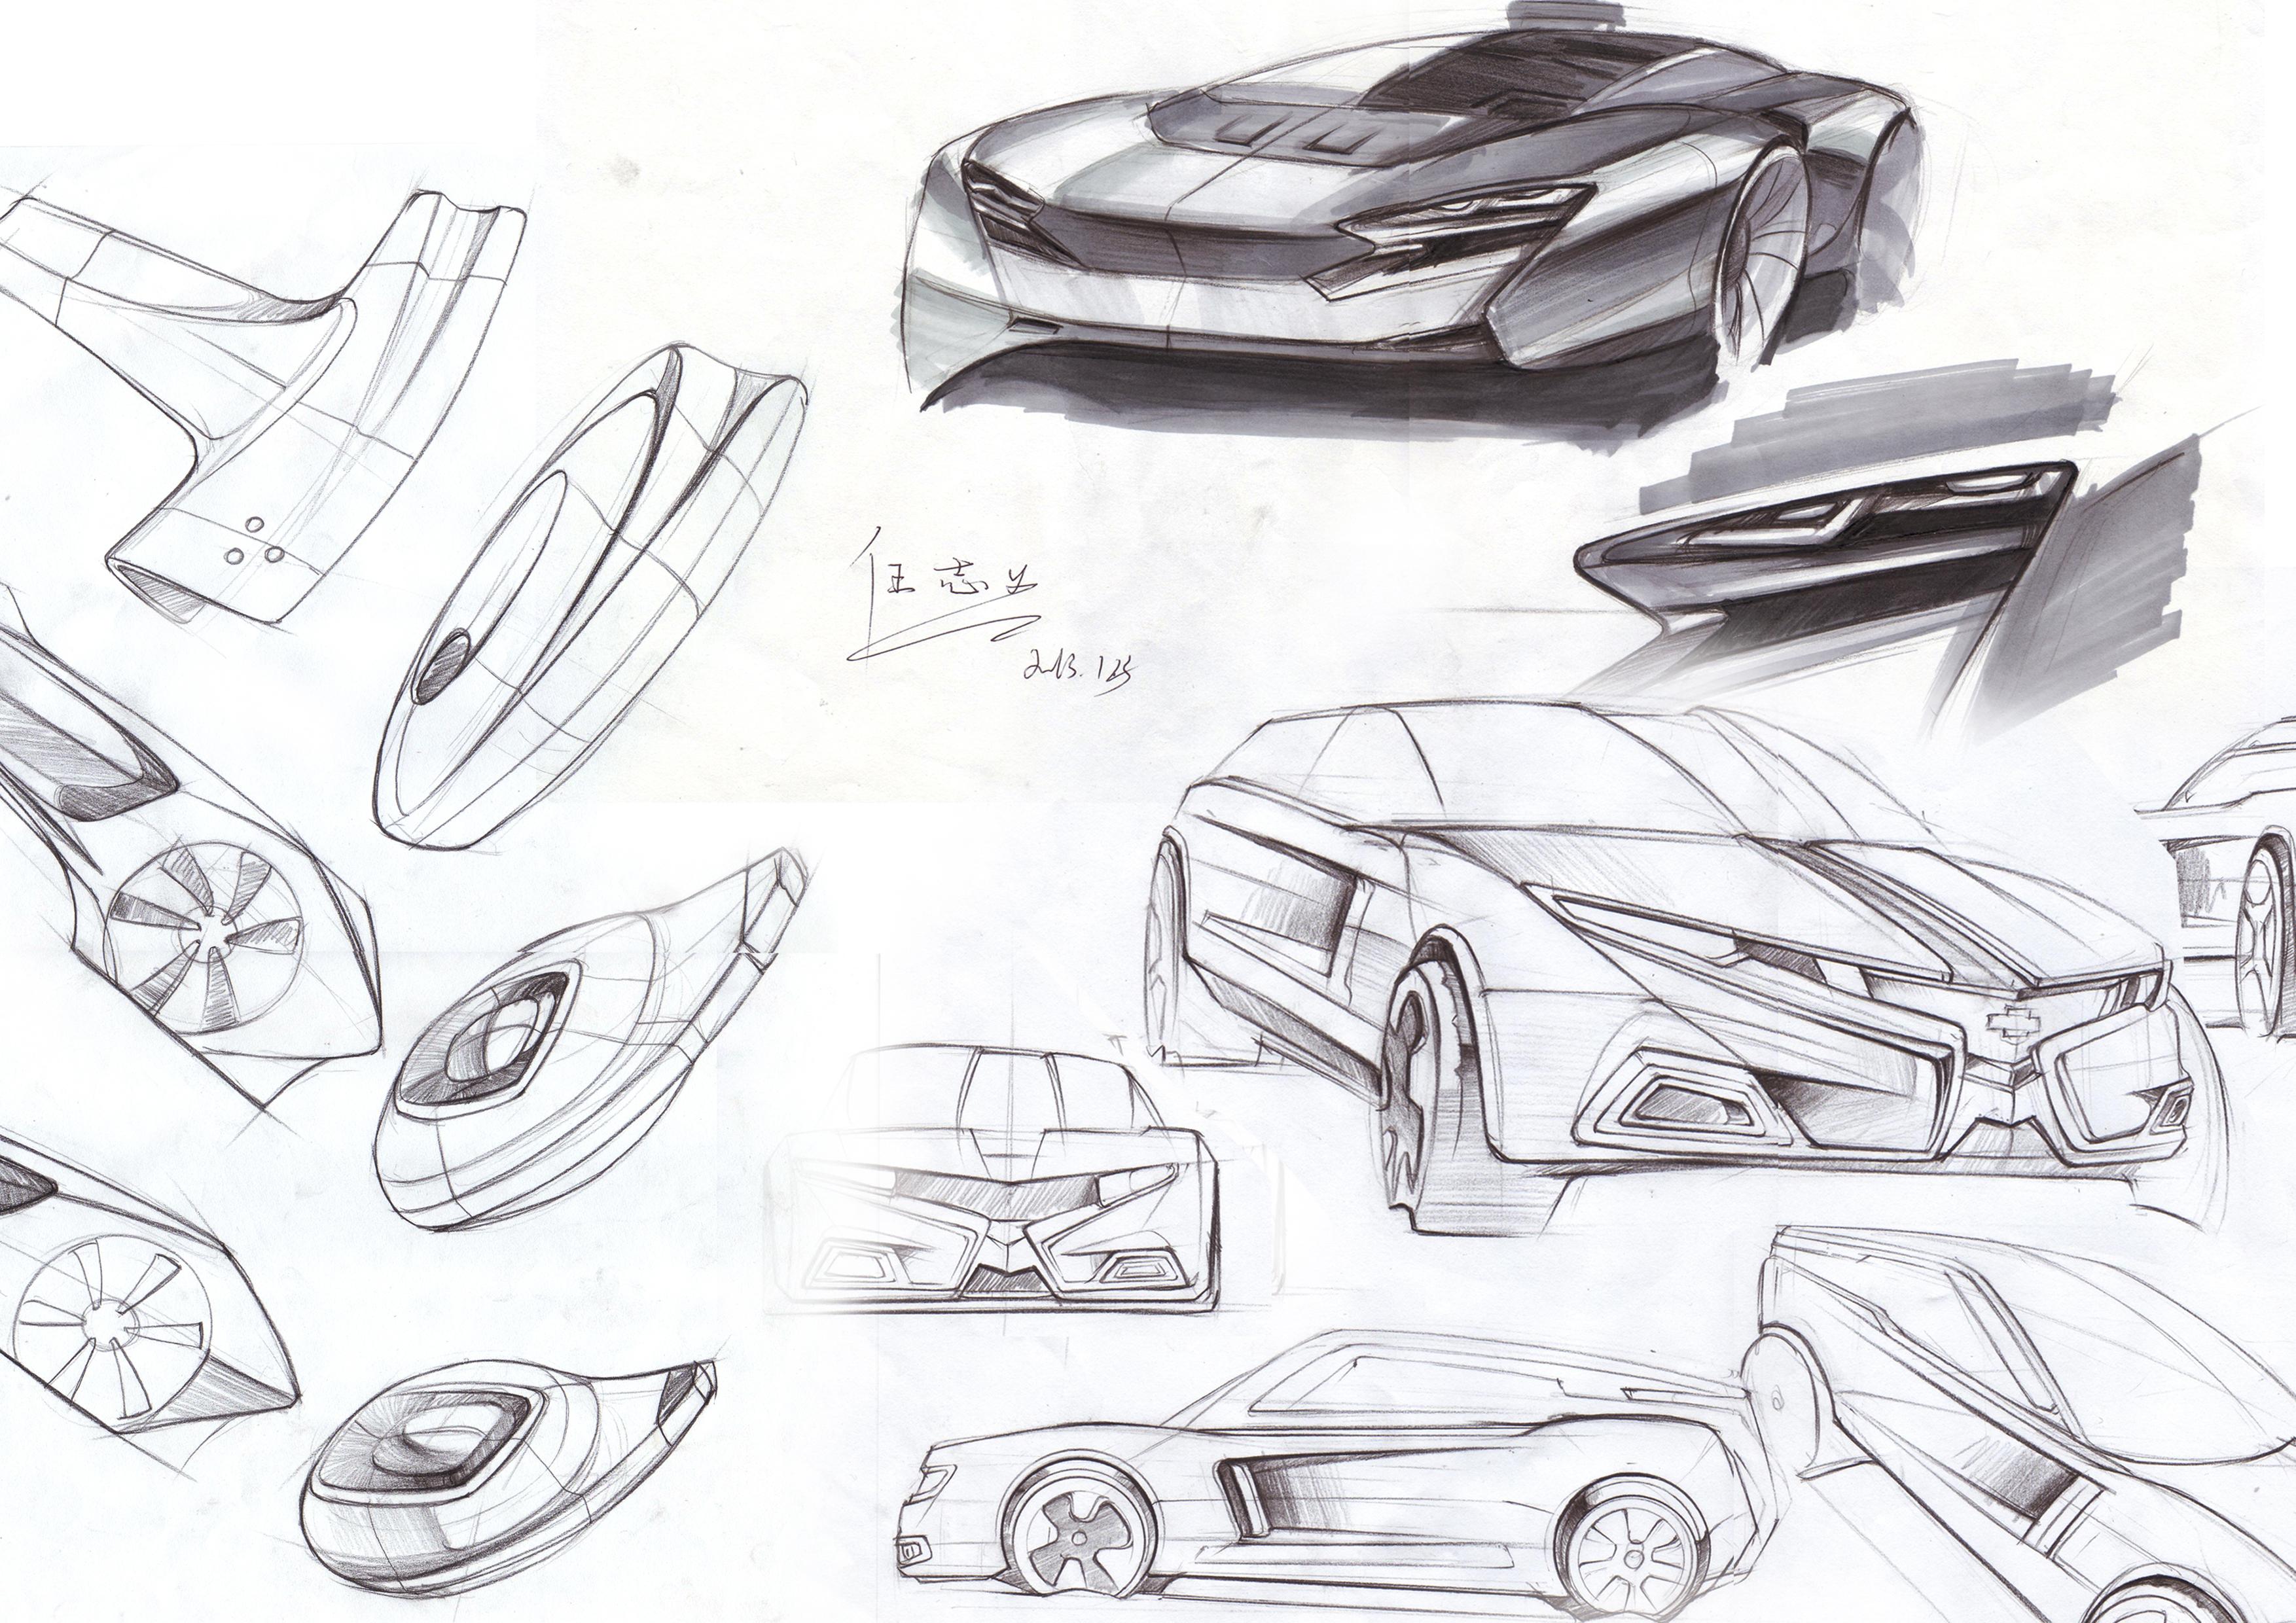 汽车手绘|工业/产品|交通工具|renzhiyi1990 - 原创